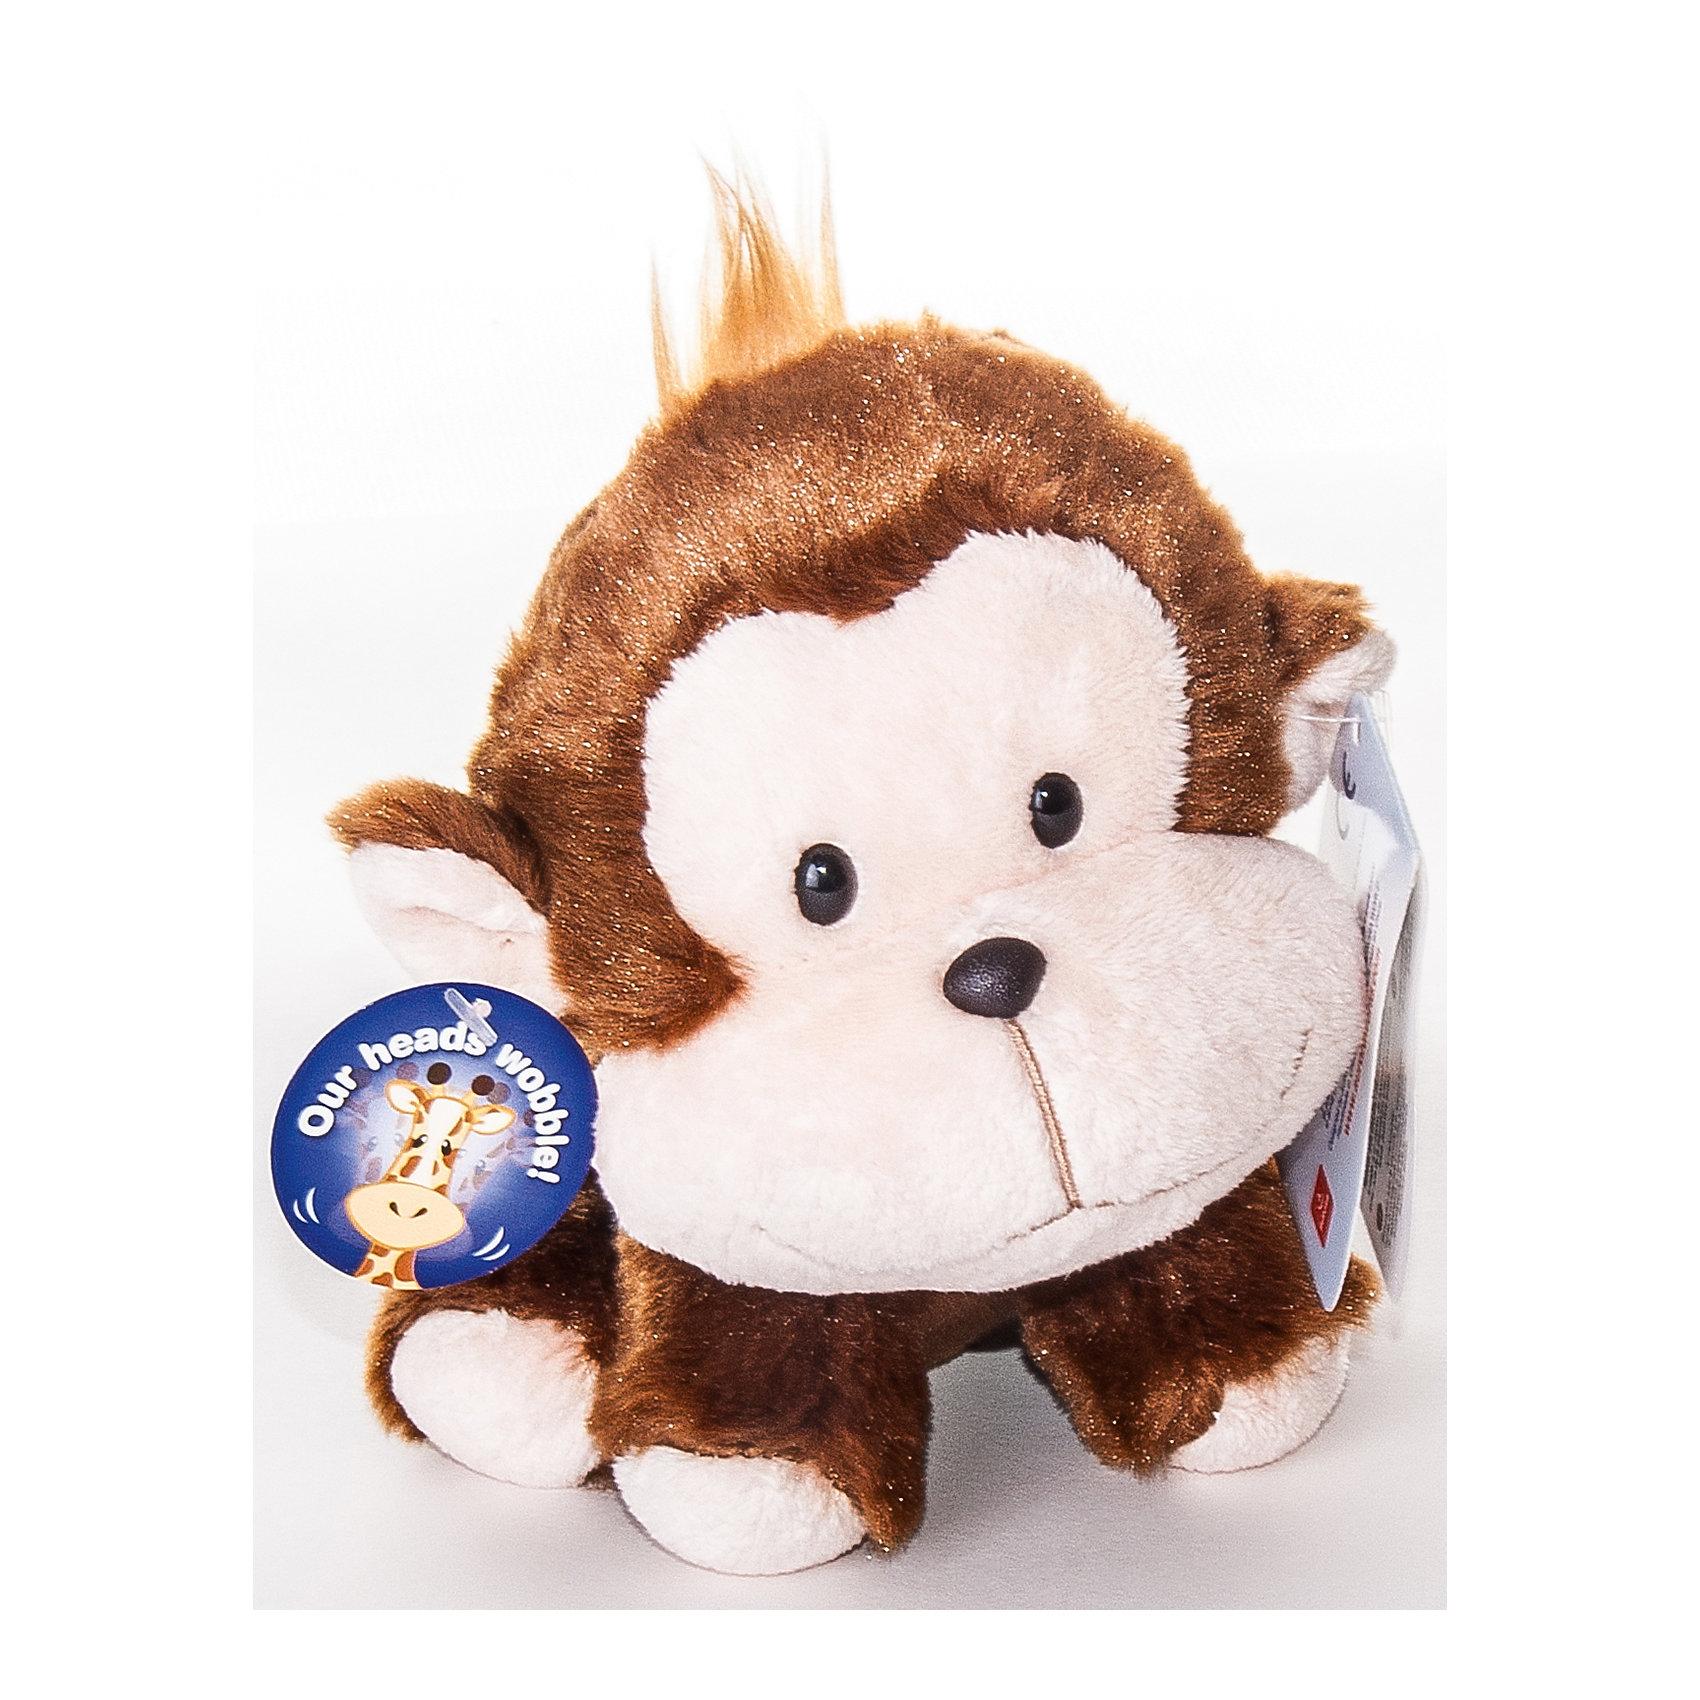 Мягкая игрушка Обезьянка Wobbly Bobblee, 18 см., AURORAОчаровательная мягкая обезьянка приведет в восторг любого малыша! Мягкая игрушка выполнена из высококачественных экологичных материалов абсолютно безопасна для детей. Она станет отличным новогодним подарком, ведь 2016 год будет годом «обезьяны». <br><br>Дополнительная информация:<br><br>- Материал: мех, пластик, синтепон.<br>- Размер: 18 см.<br><br>Мягкую игрушку Обезьянку Wobbly Bobblee, 18 см., AURORA (Аврора) можно купить в нашем магазине.<br><br>Ширина мм: 110<br>Глубина мм: 150<br>Высота мм: 110<br>Вес г: 125<br>Возраст от месяцев: 36<br>Возраст до месяцев: 192<br>Пол: Унисекс<br>Возраст: Детский<br>SKU: 4251458